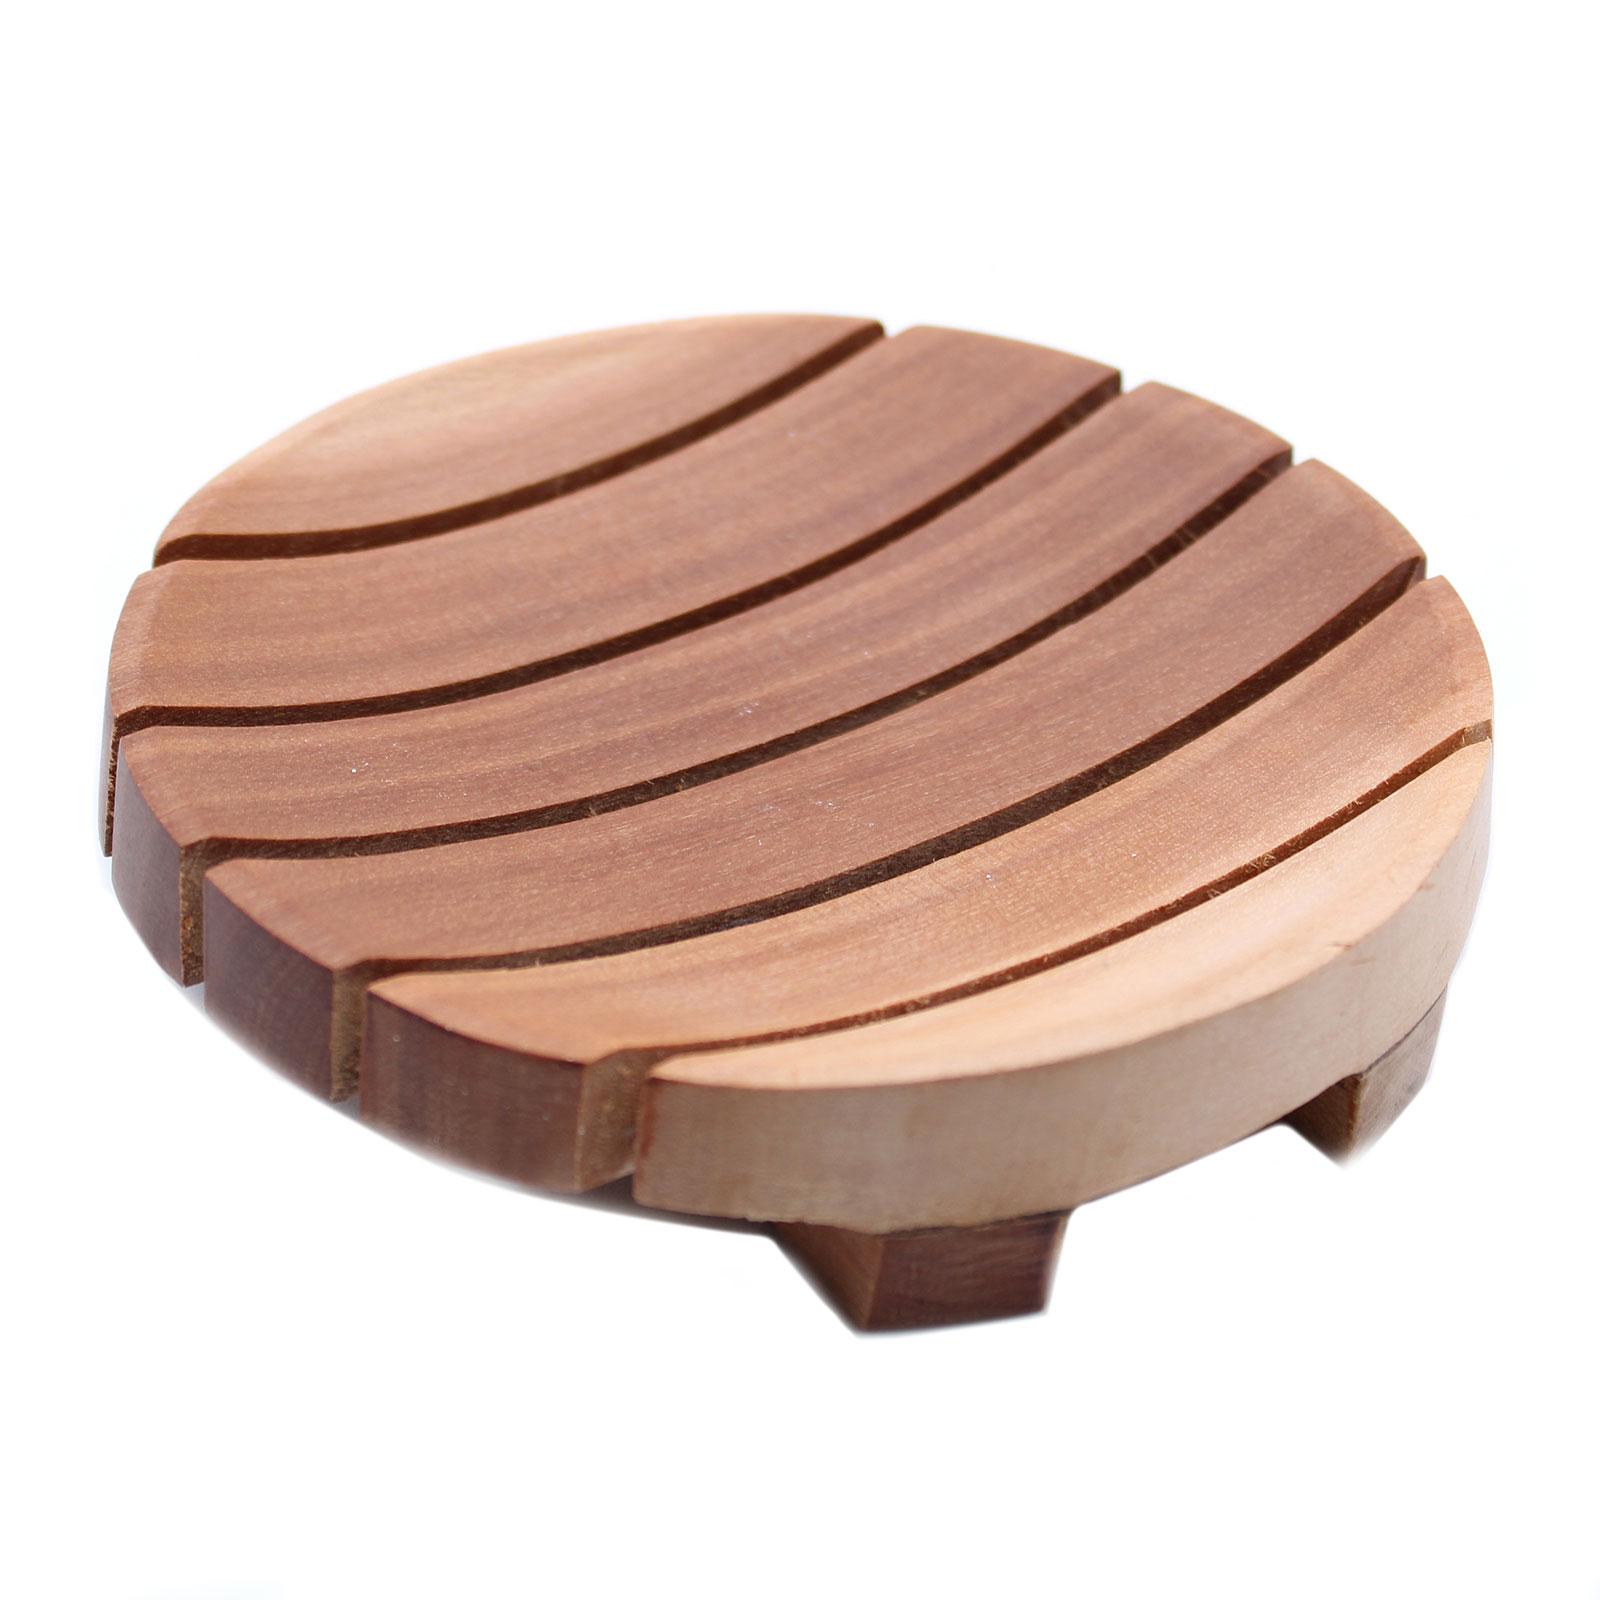 Classic Mahogany Soap Dish Round